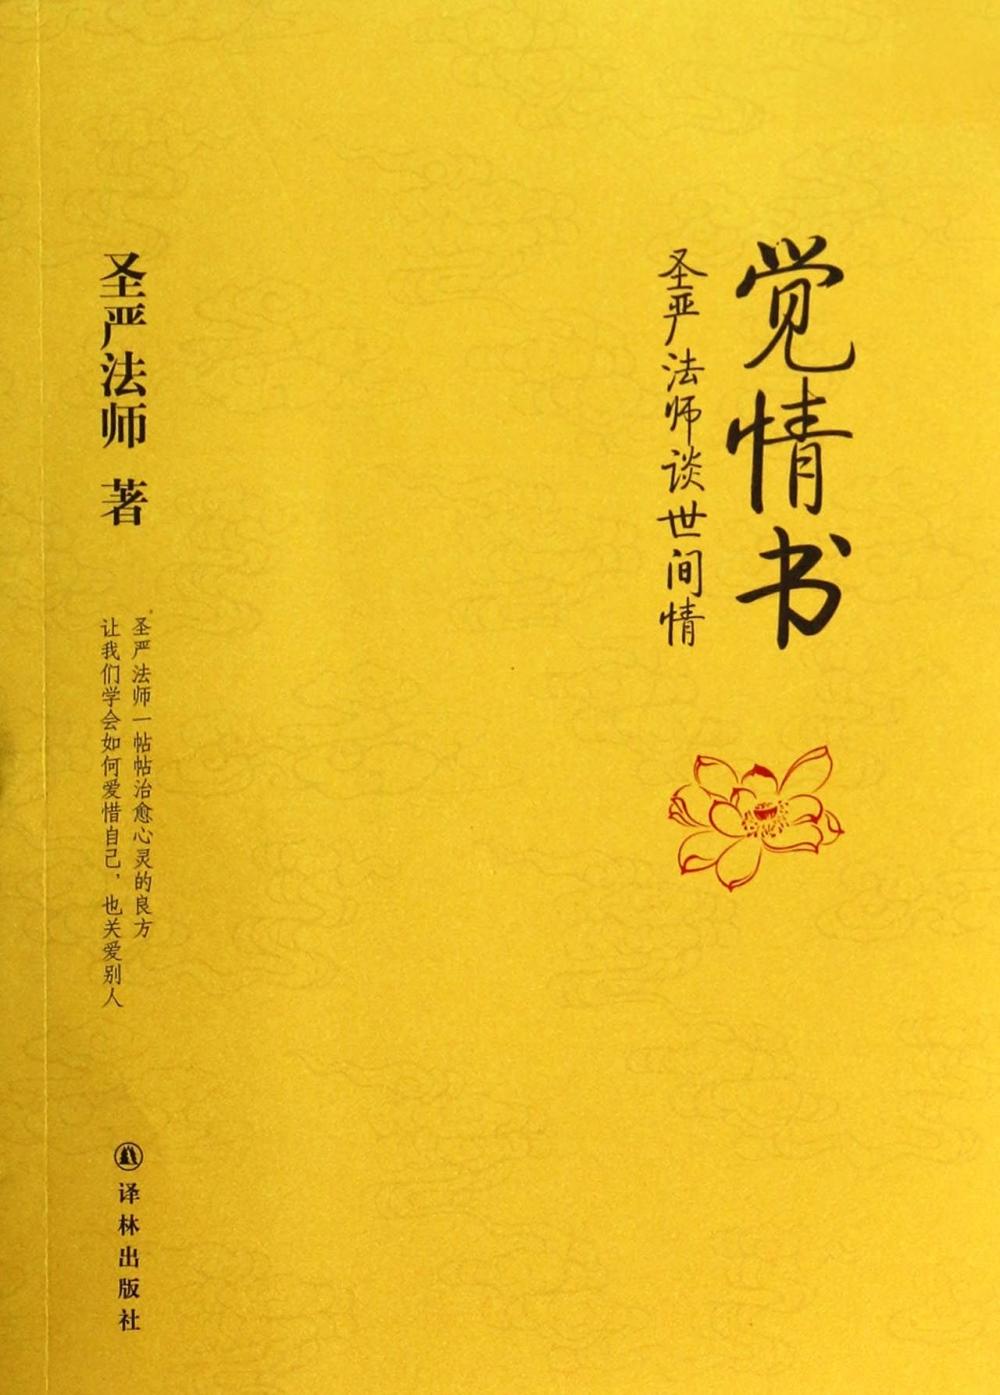 覺情書:聖嚴法師談世間情